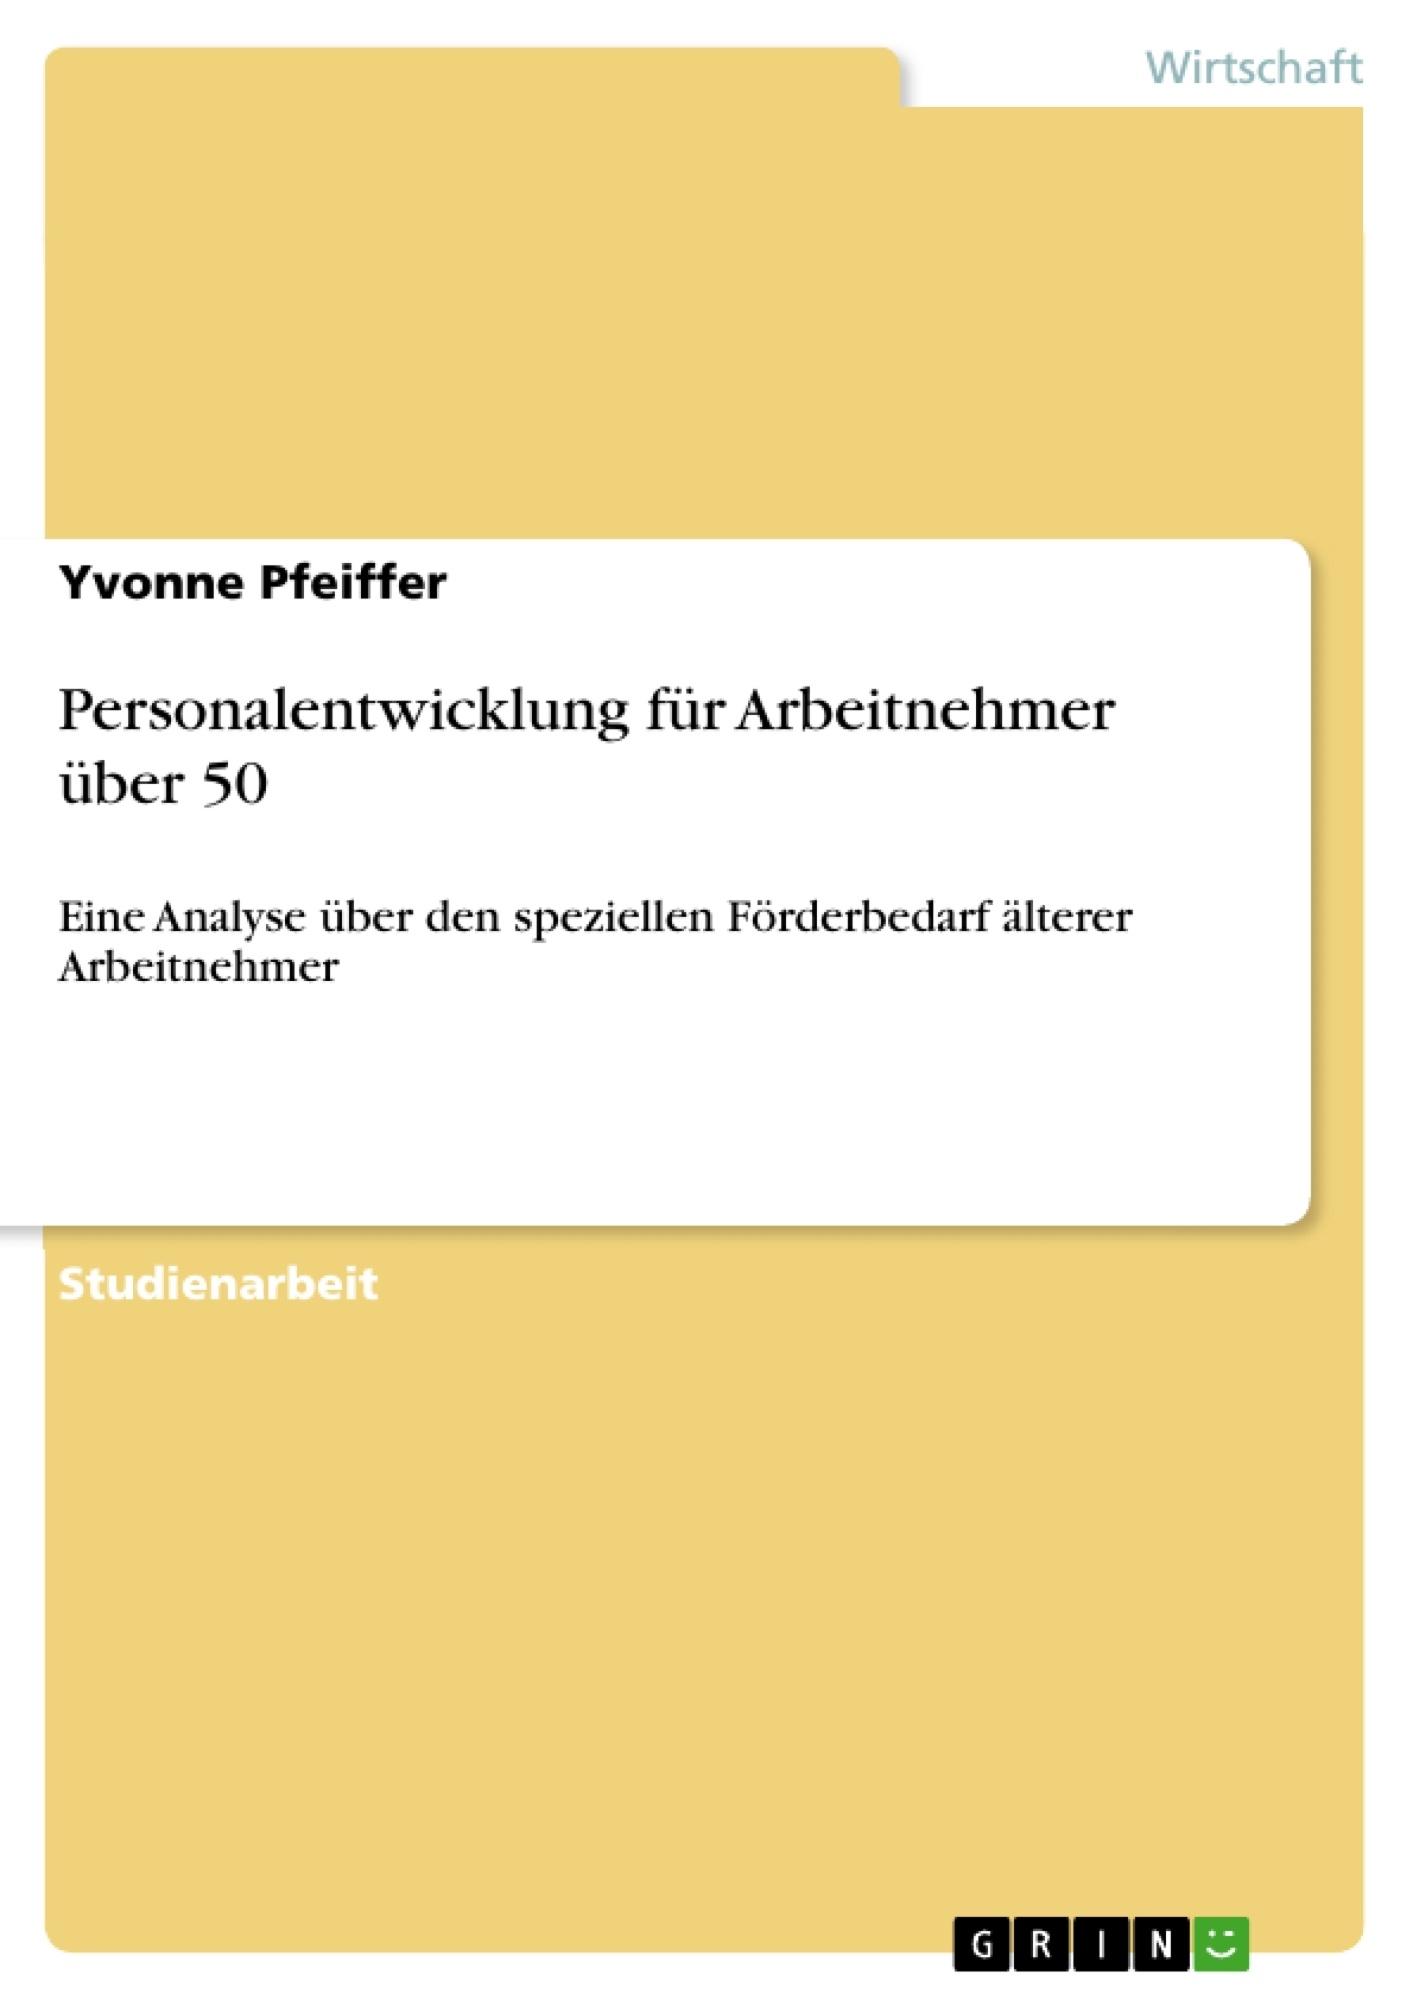 Titel: Personalentwicklung für Arbeitnehmer über 50